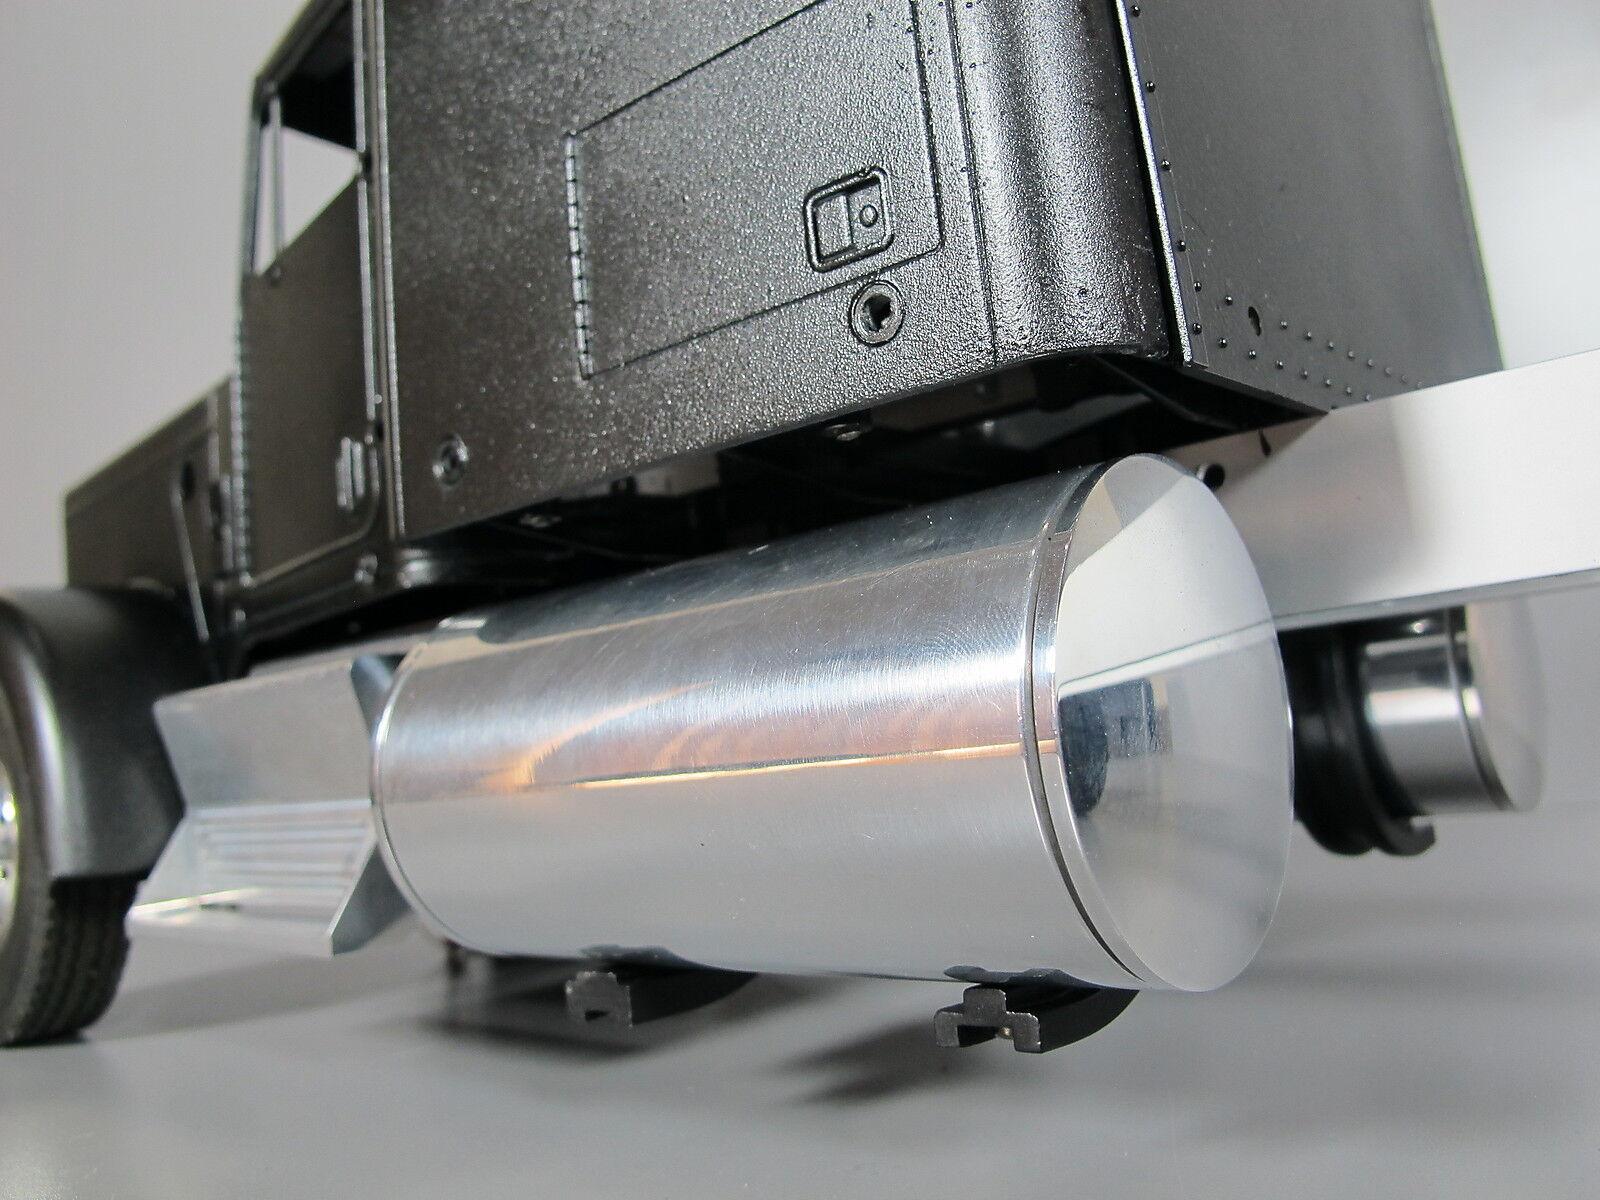 Par de tanques de gas 4 in (approx. 10.16 cm) + Conjunto De Montaje J Tamiya RC 1 14 Caballero Gran King Hauler